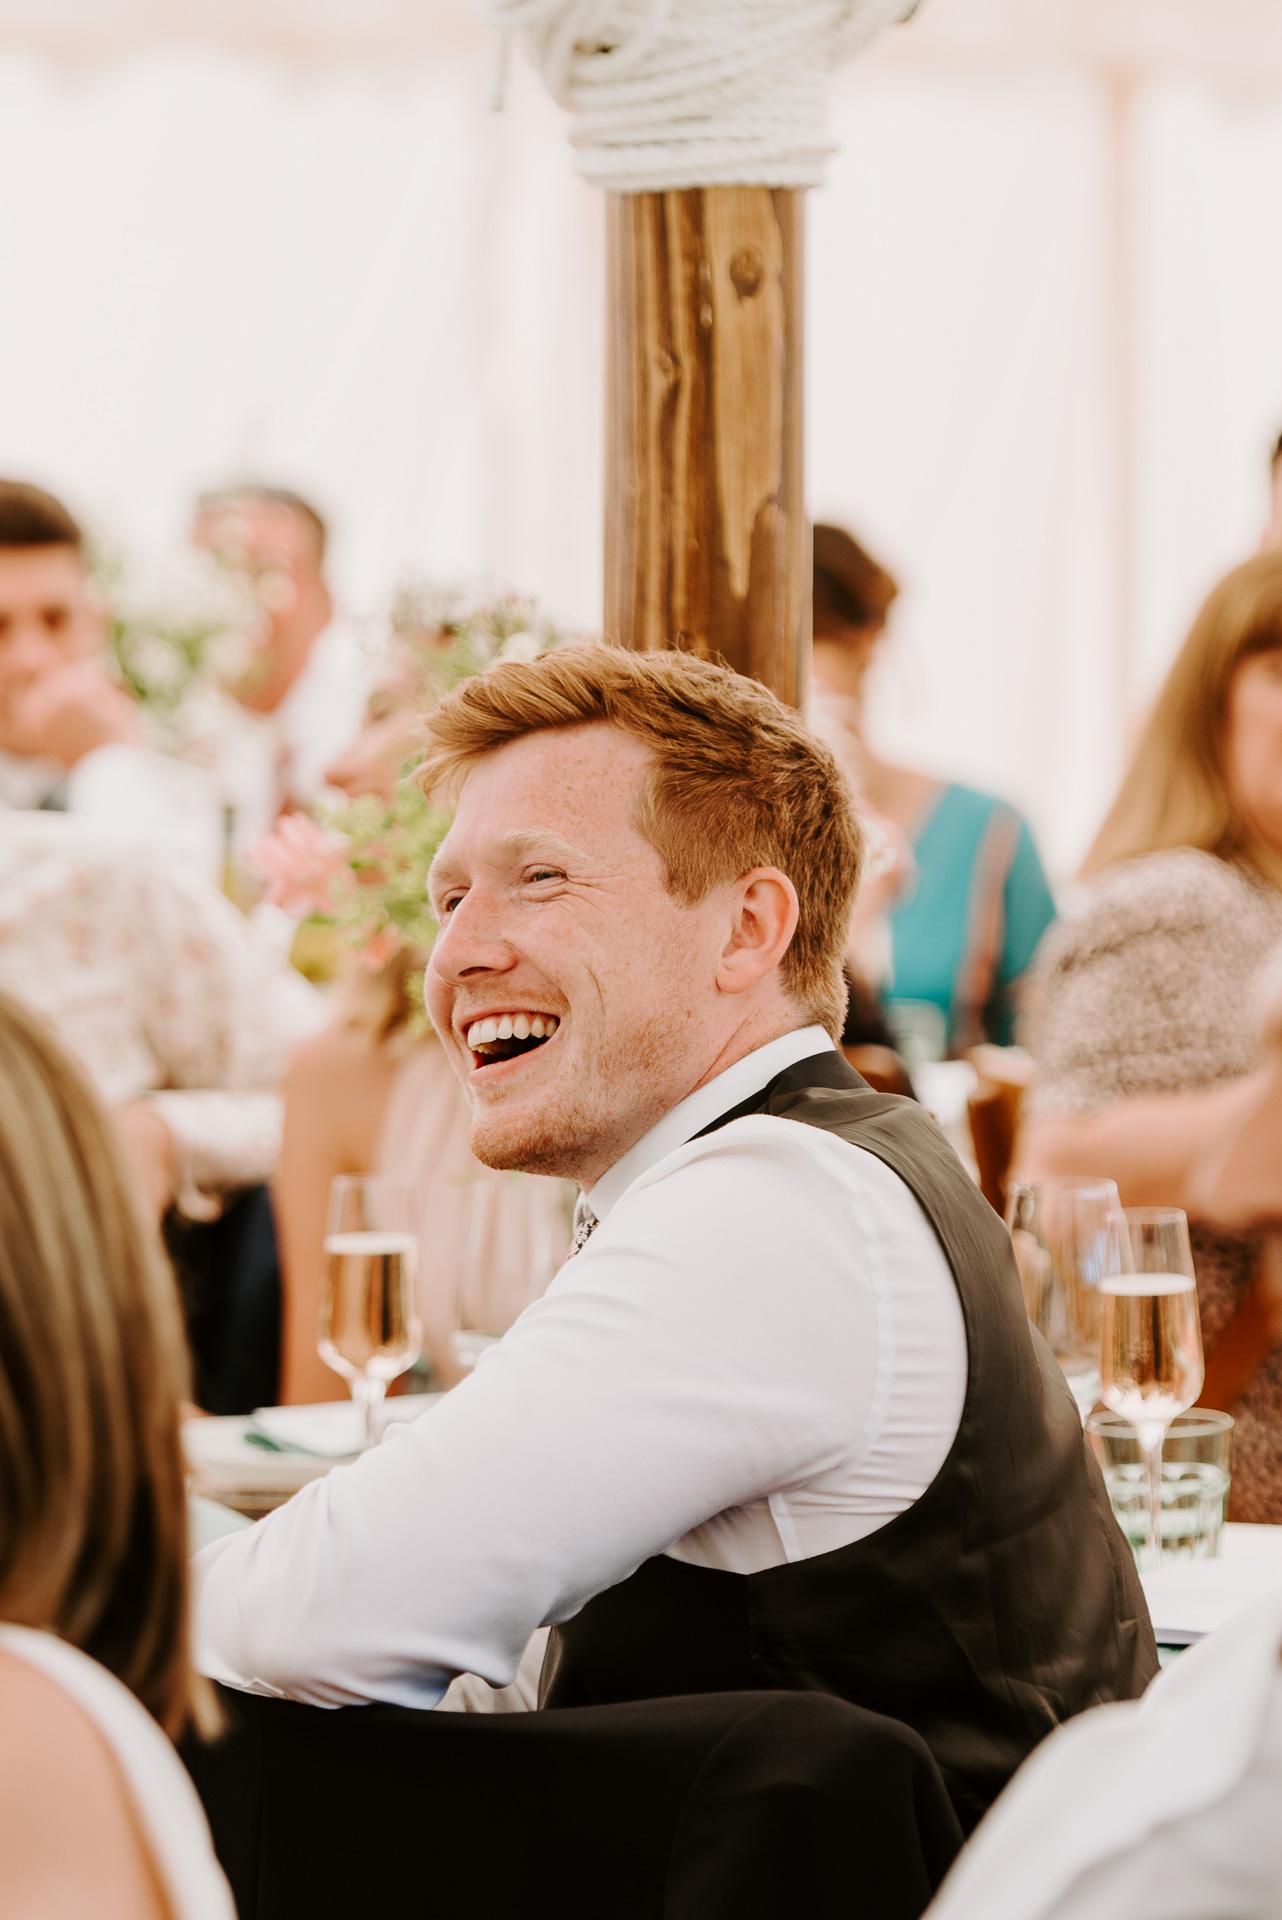 Henny_Jamie_East Sussex_Wedding_52.jpg